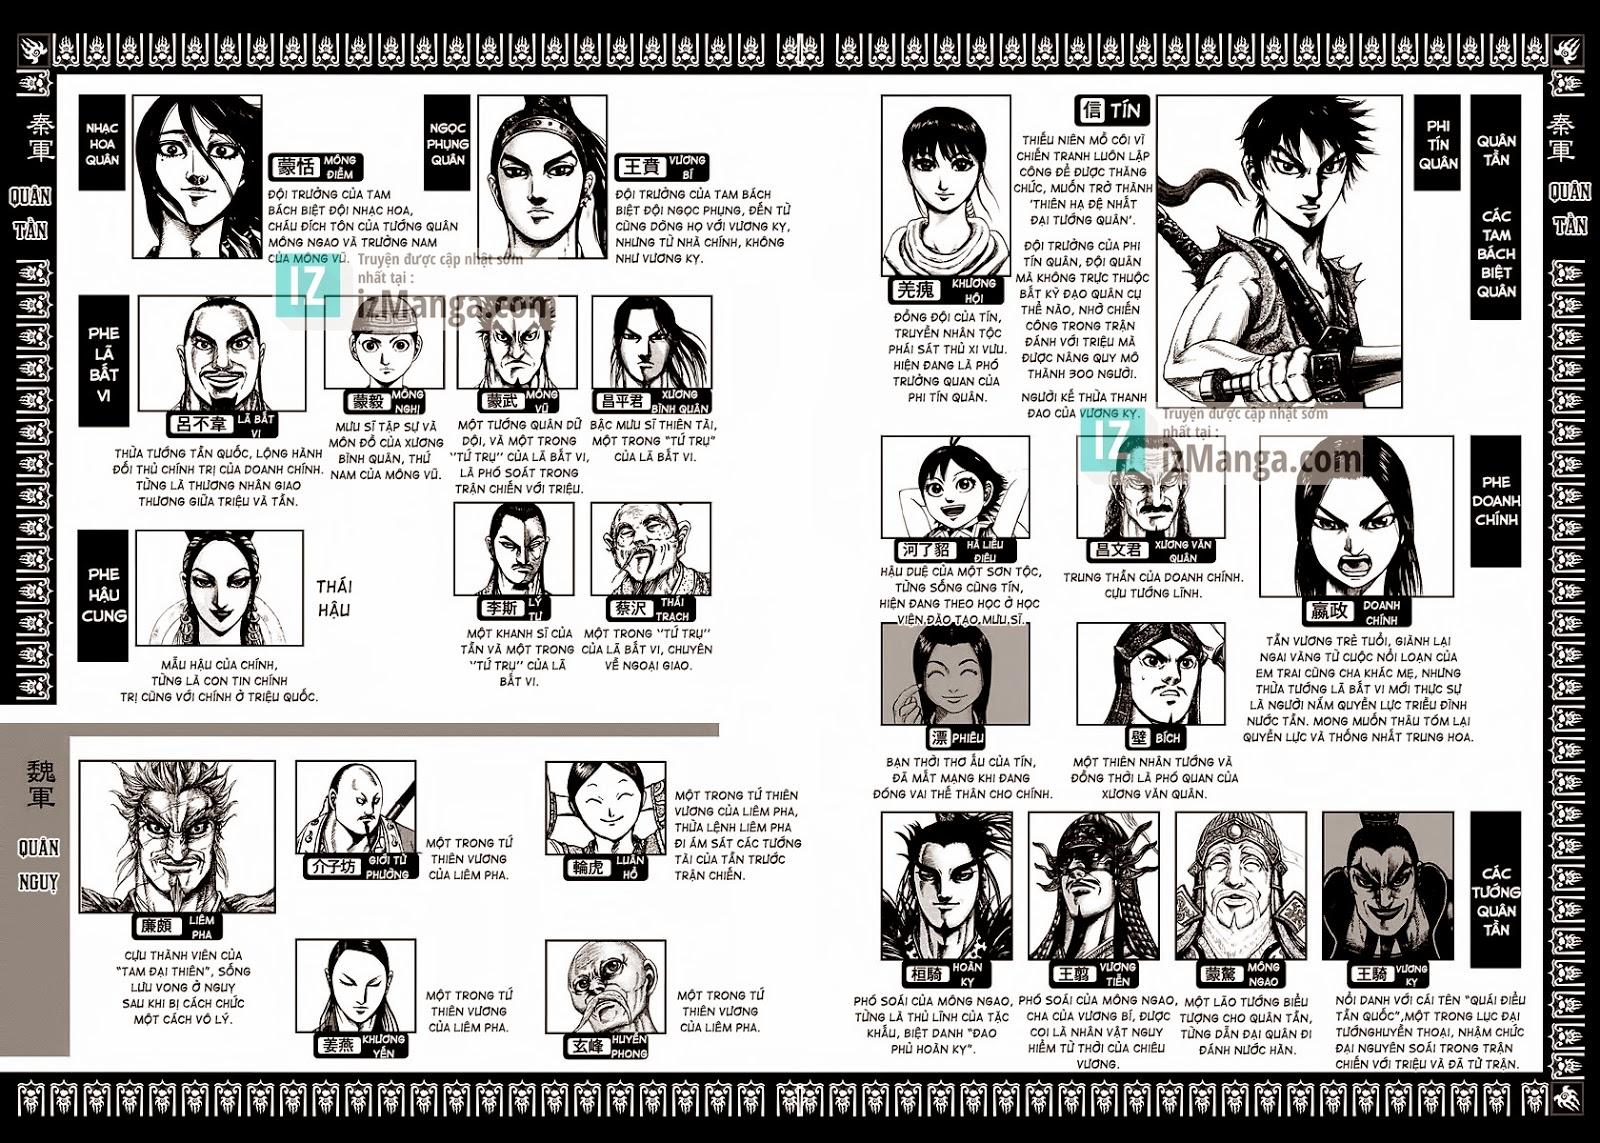 Kingdom – Vương Giả Thiên Hạ (Tổng Hợp) chap 218 page 4 - IZTruyenTranh.com